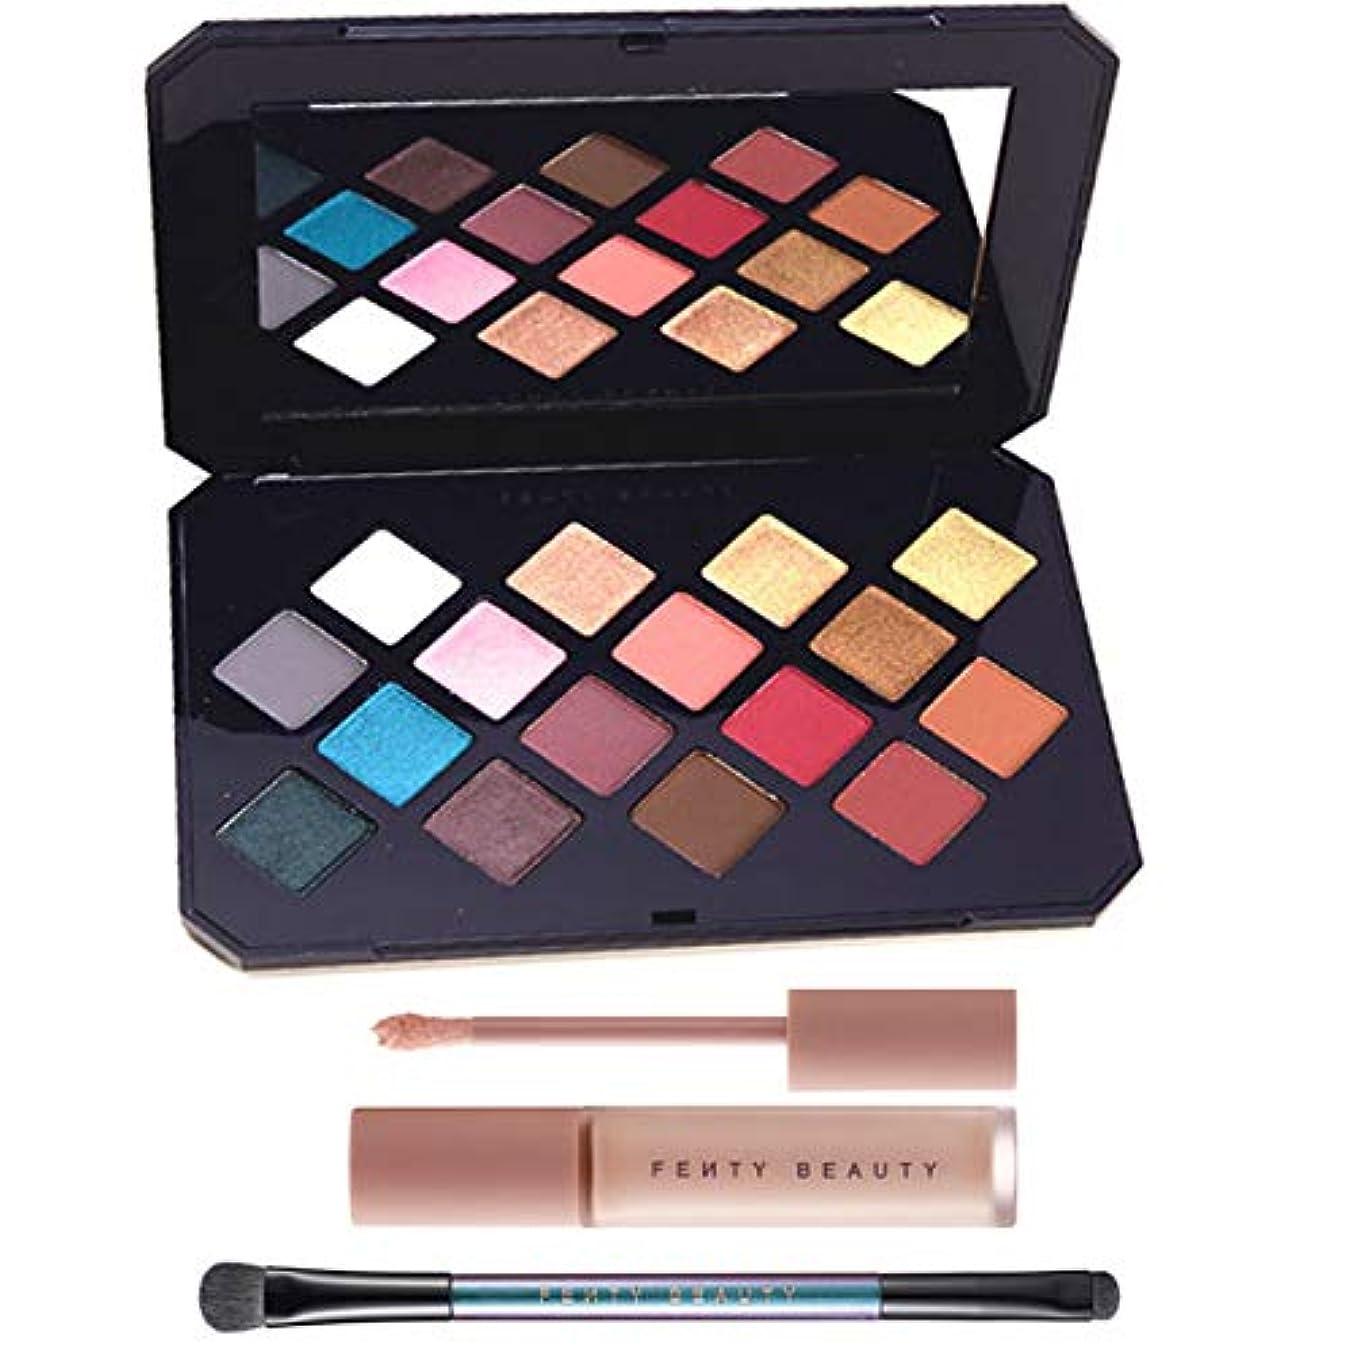 冷ややかな表向きリーンFENTY BEAUTY BY RIHANNA, Moroccan Spice Eyeshadow Palette & Eye Essentials [海外直送品] [並行輸入品]